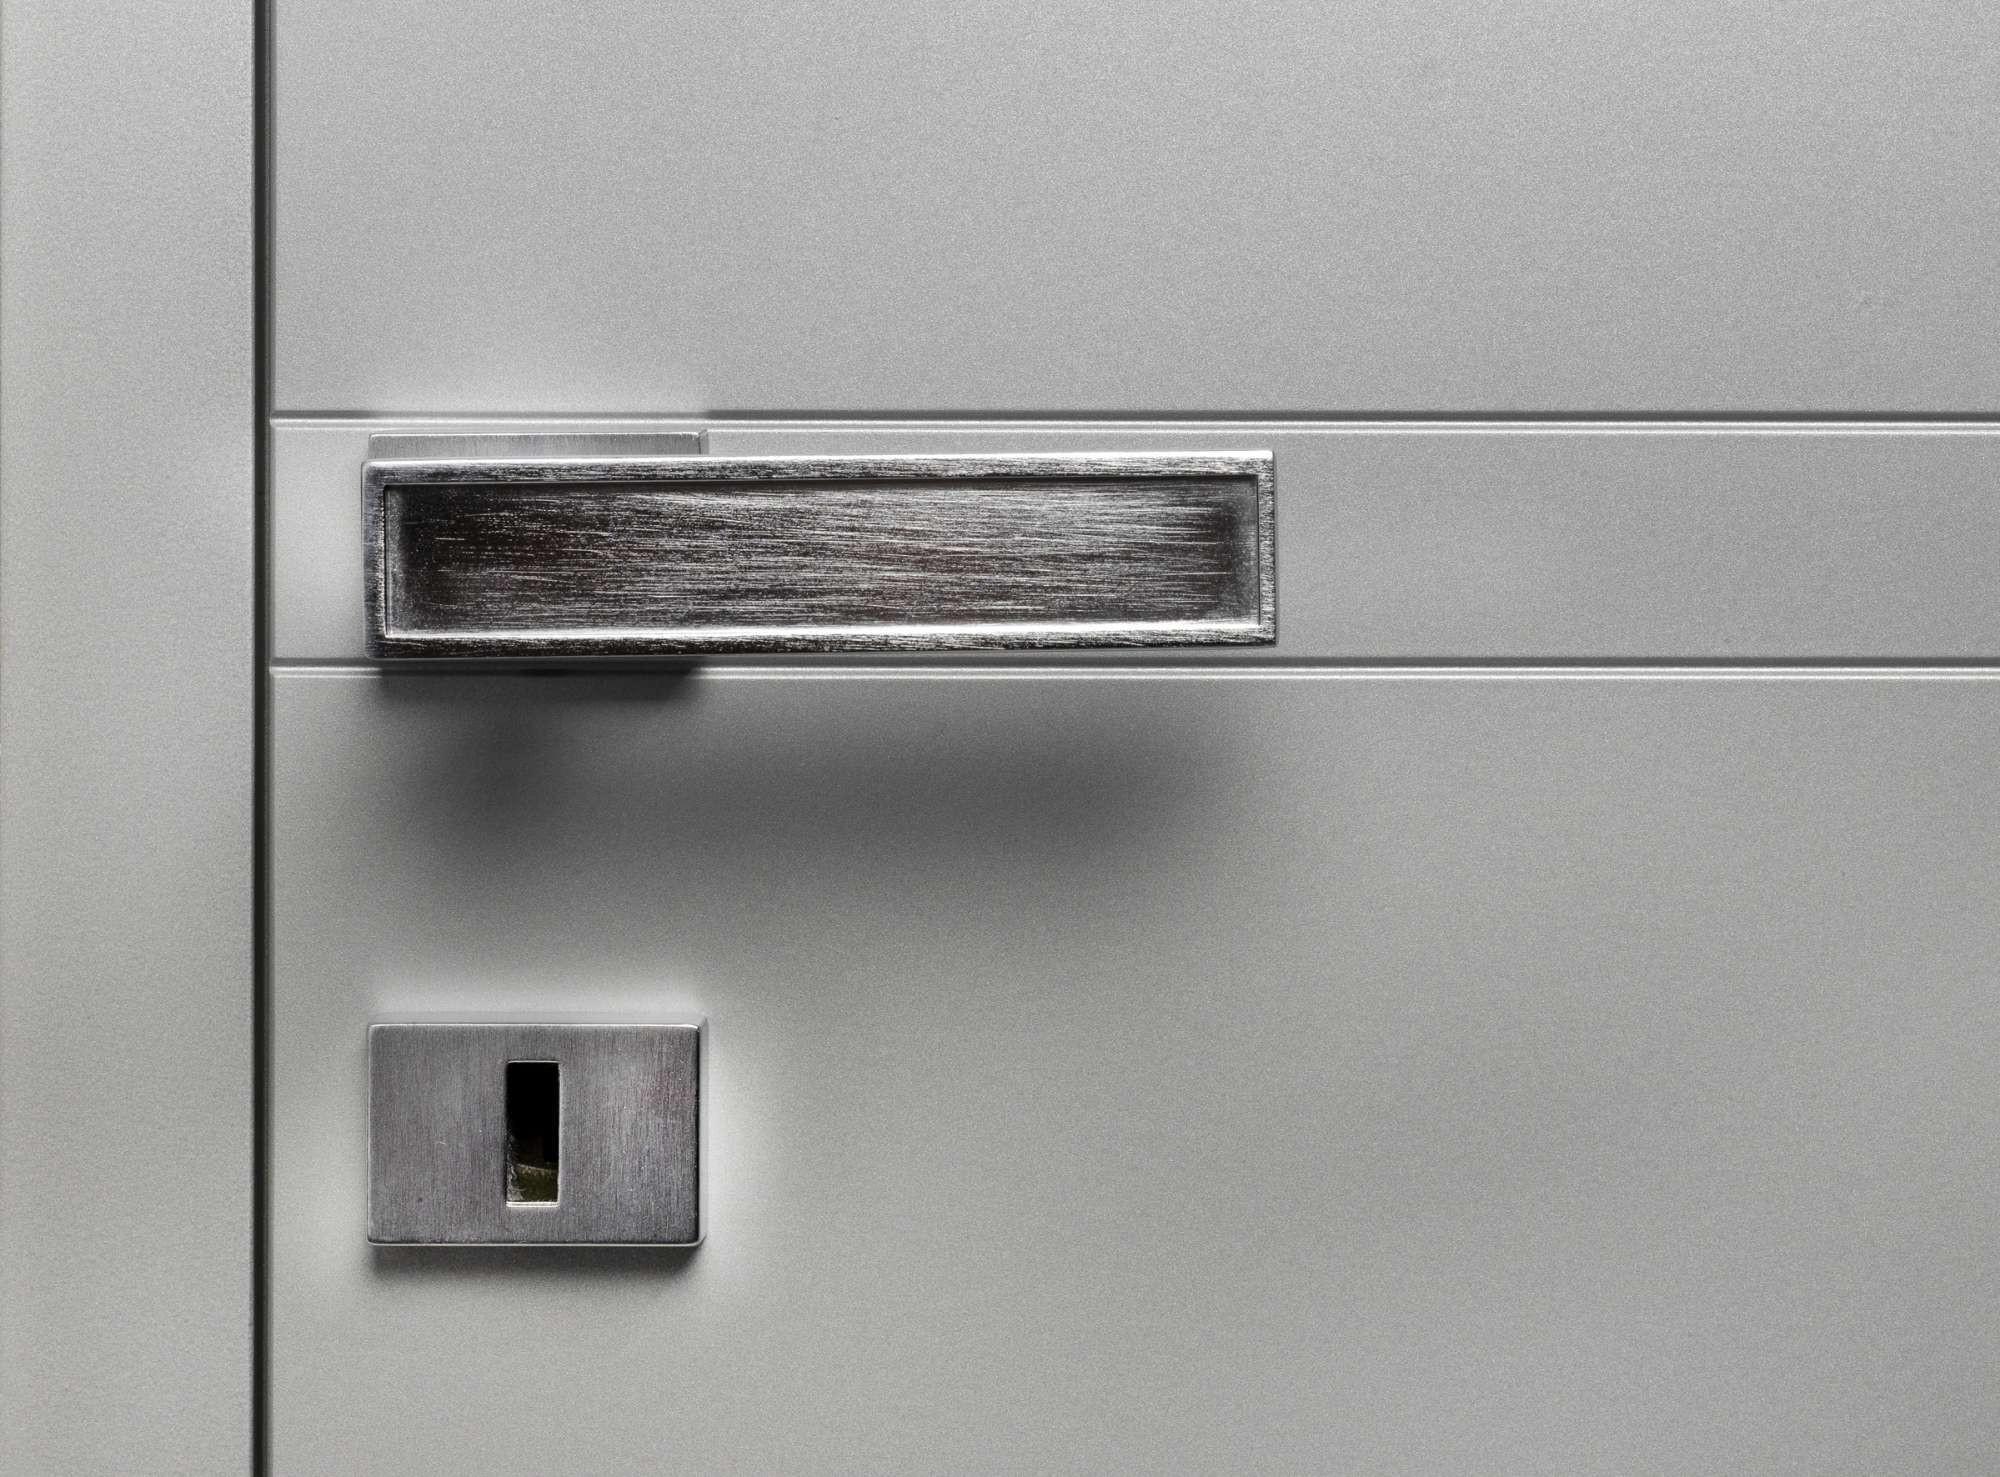 inox-deurklink-modern-rechthoekig